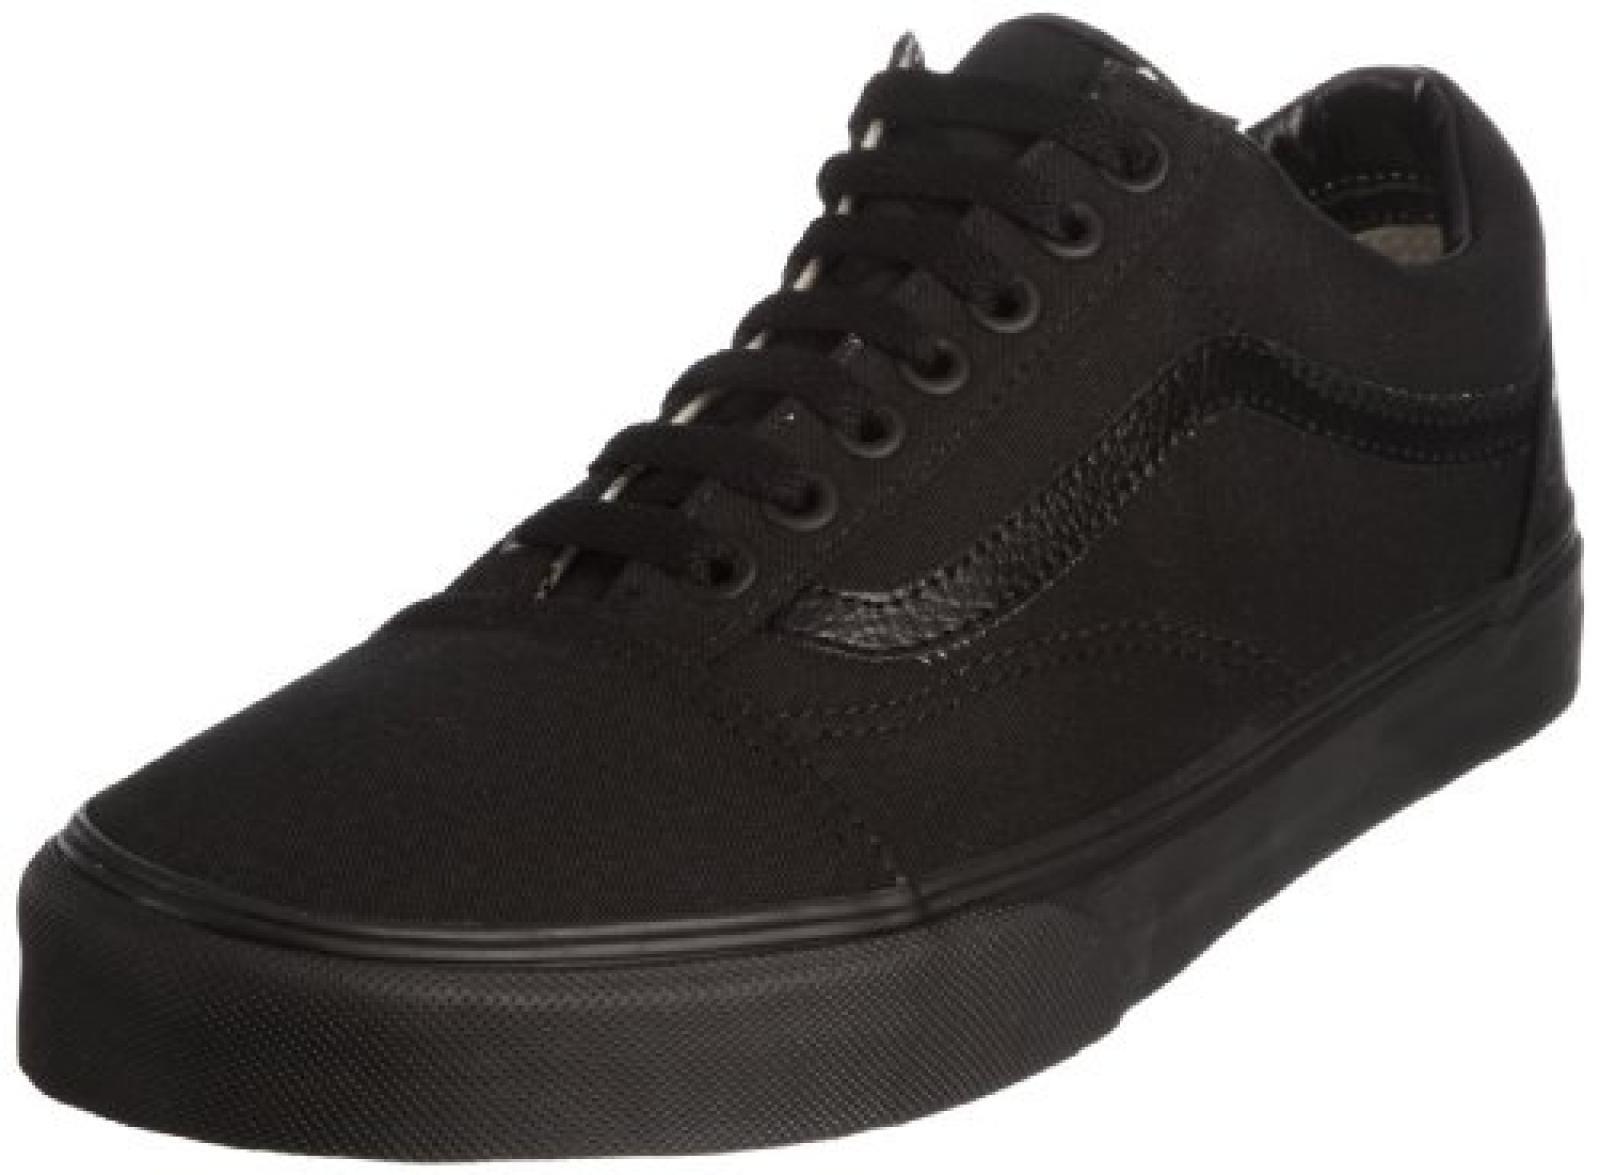 Vans U Old Skool VD3HW00 Unisex - Erwachsene Sneaker